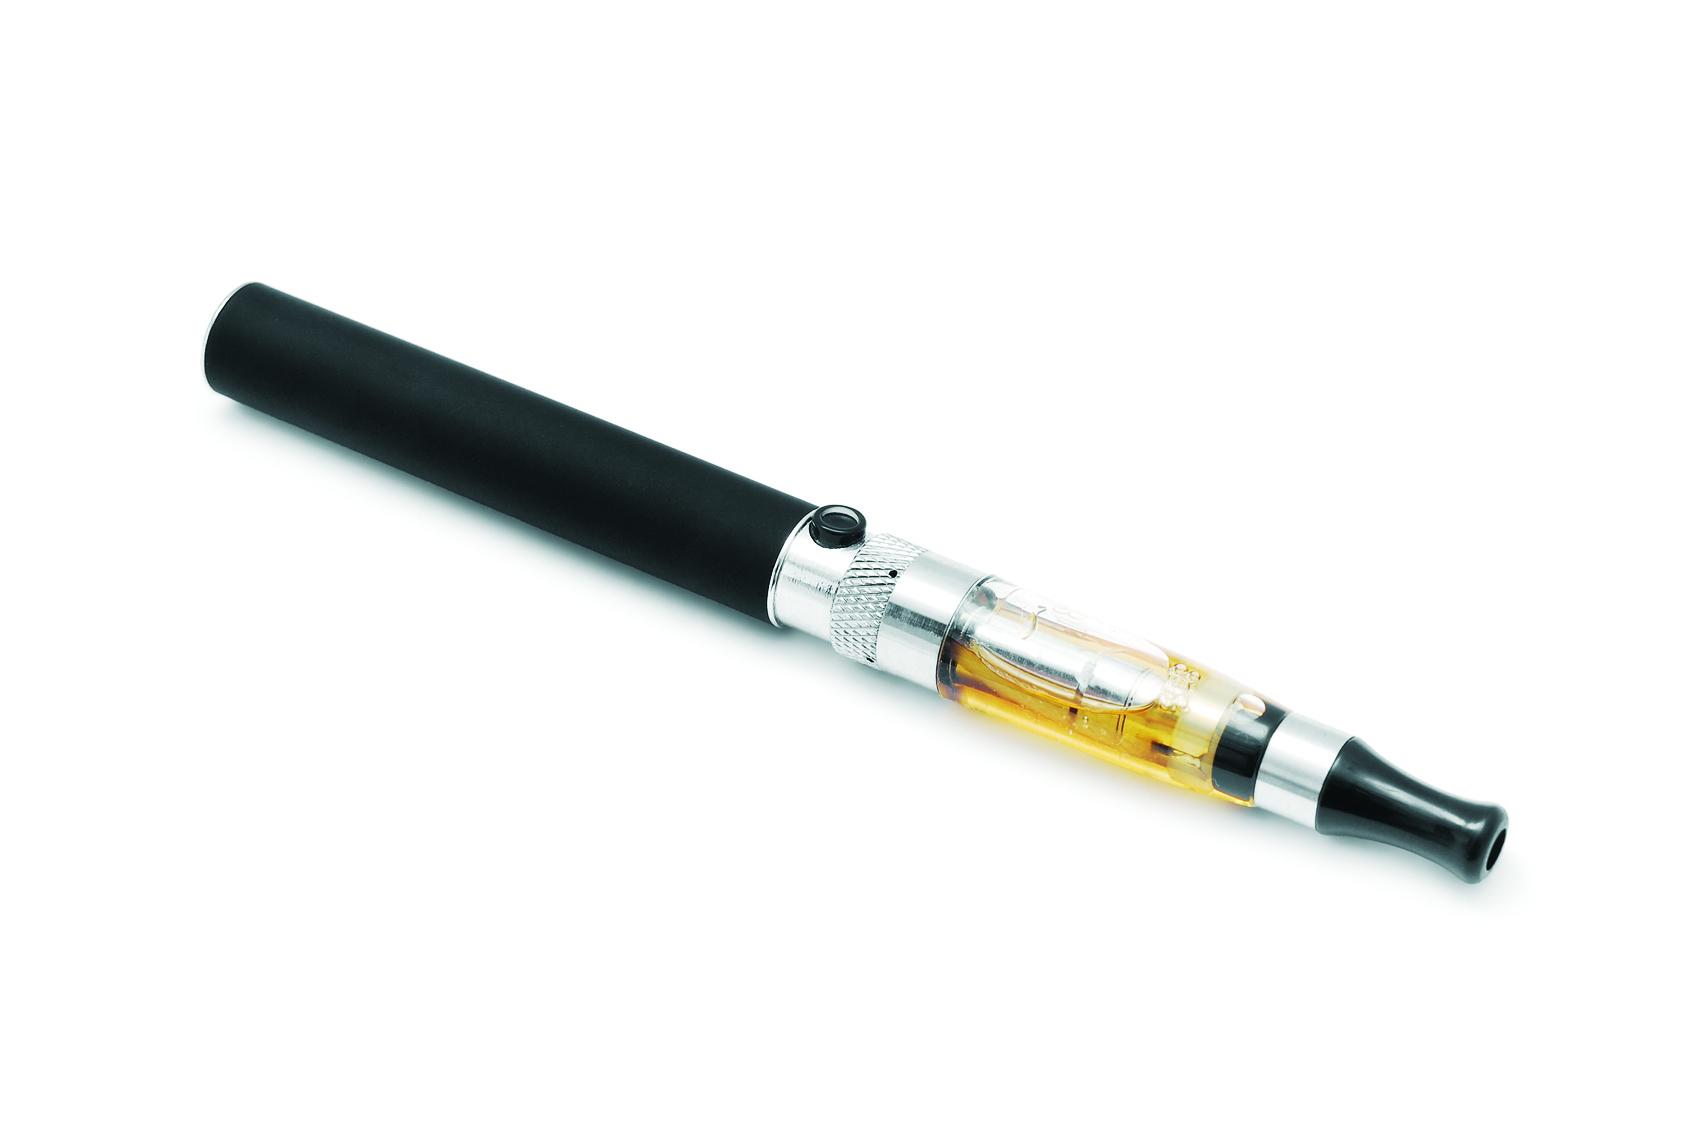 Batterie cigarette électronique : je vous conseille le modèle avec pile